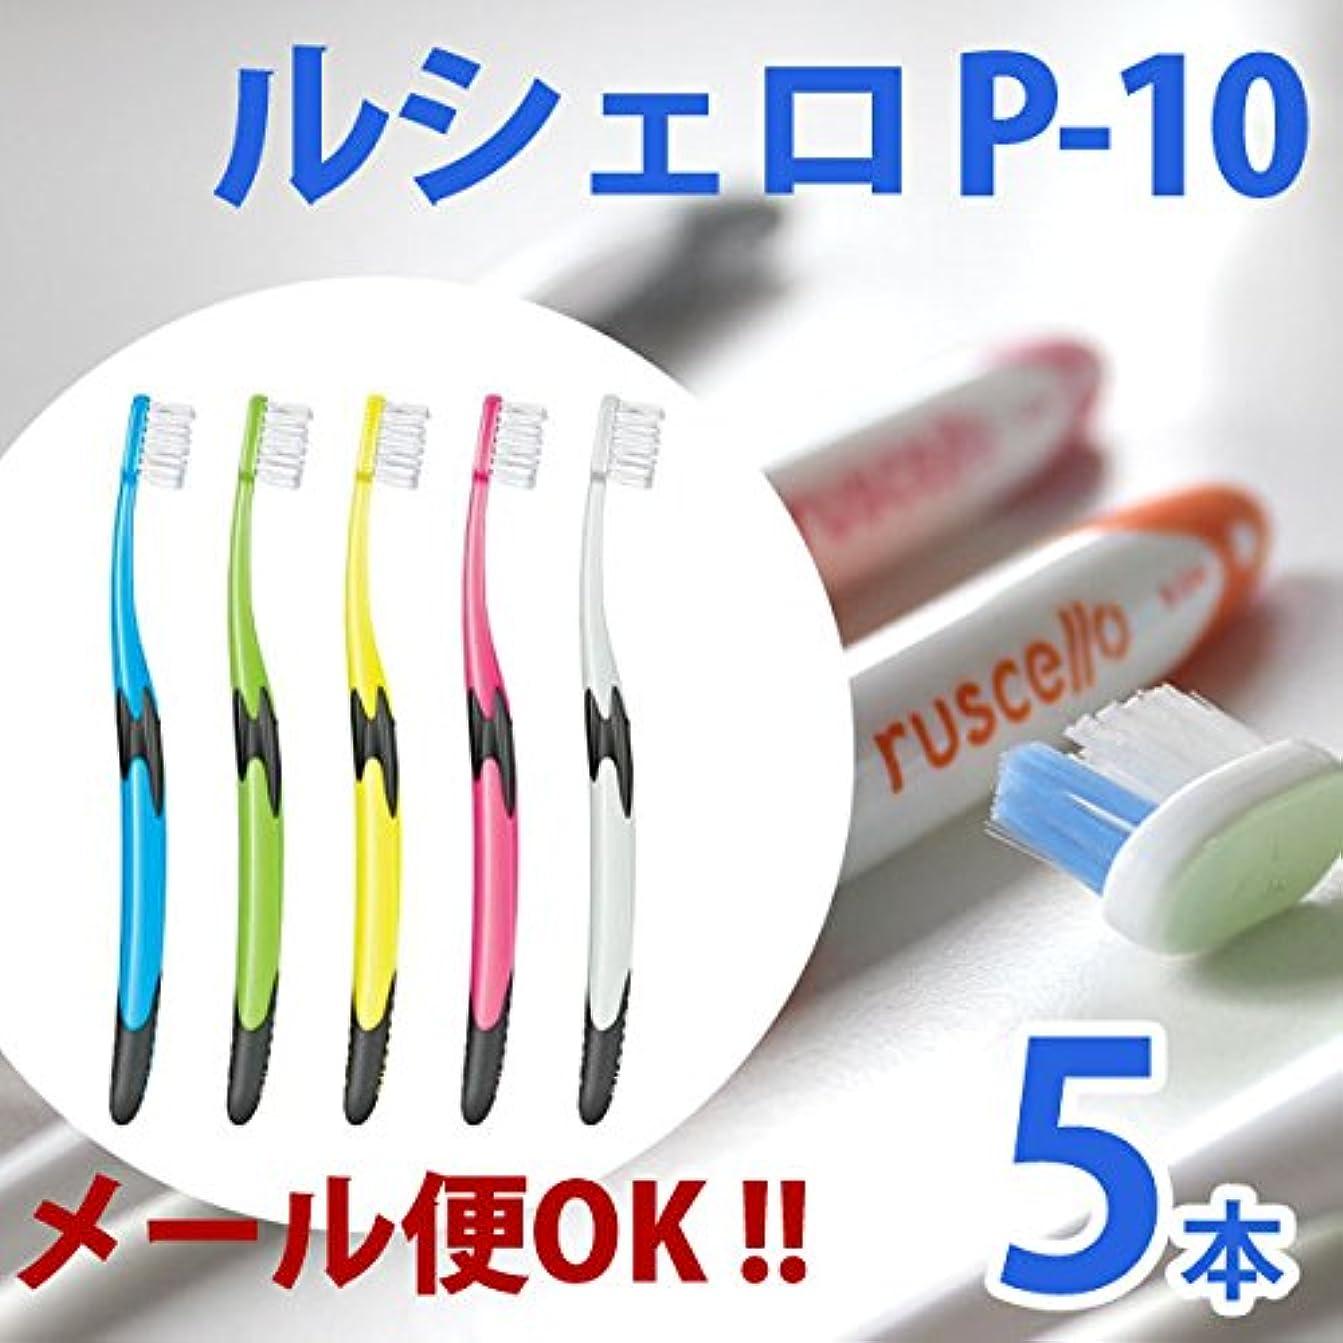 パーティーチャレンジ親ルシェロ GCシェロ 歯ブラシP-10 5色アソート 5本セット 歯周疾患の方向け。極細のテーパー毛が Sやわらかめ